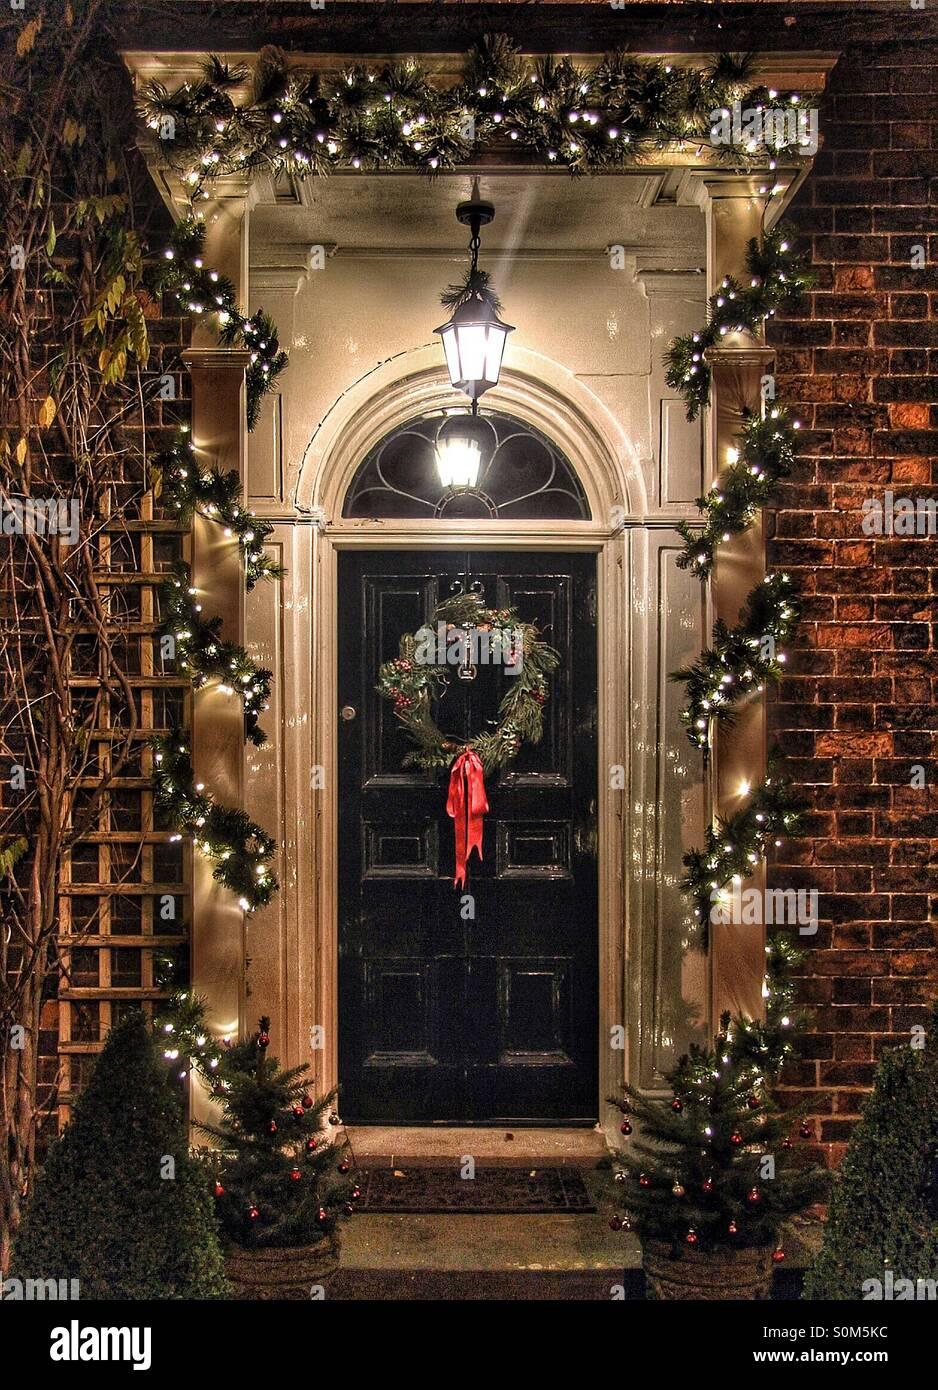 Eine herkömmliche Tür dekoriert zu Weihnachten mit einem Kranz und Lichter. Stockbild